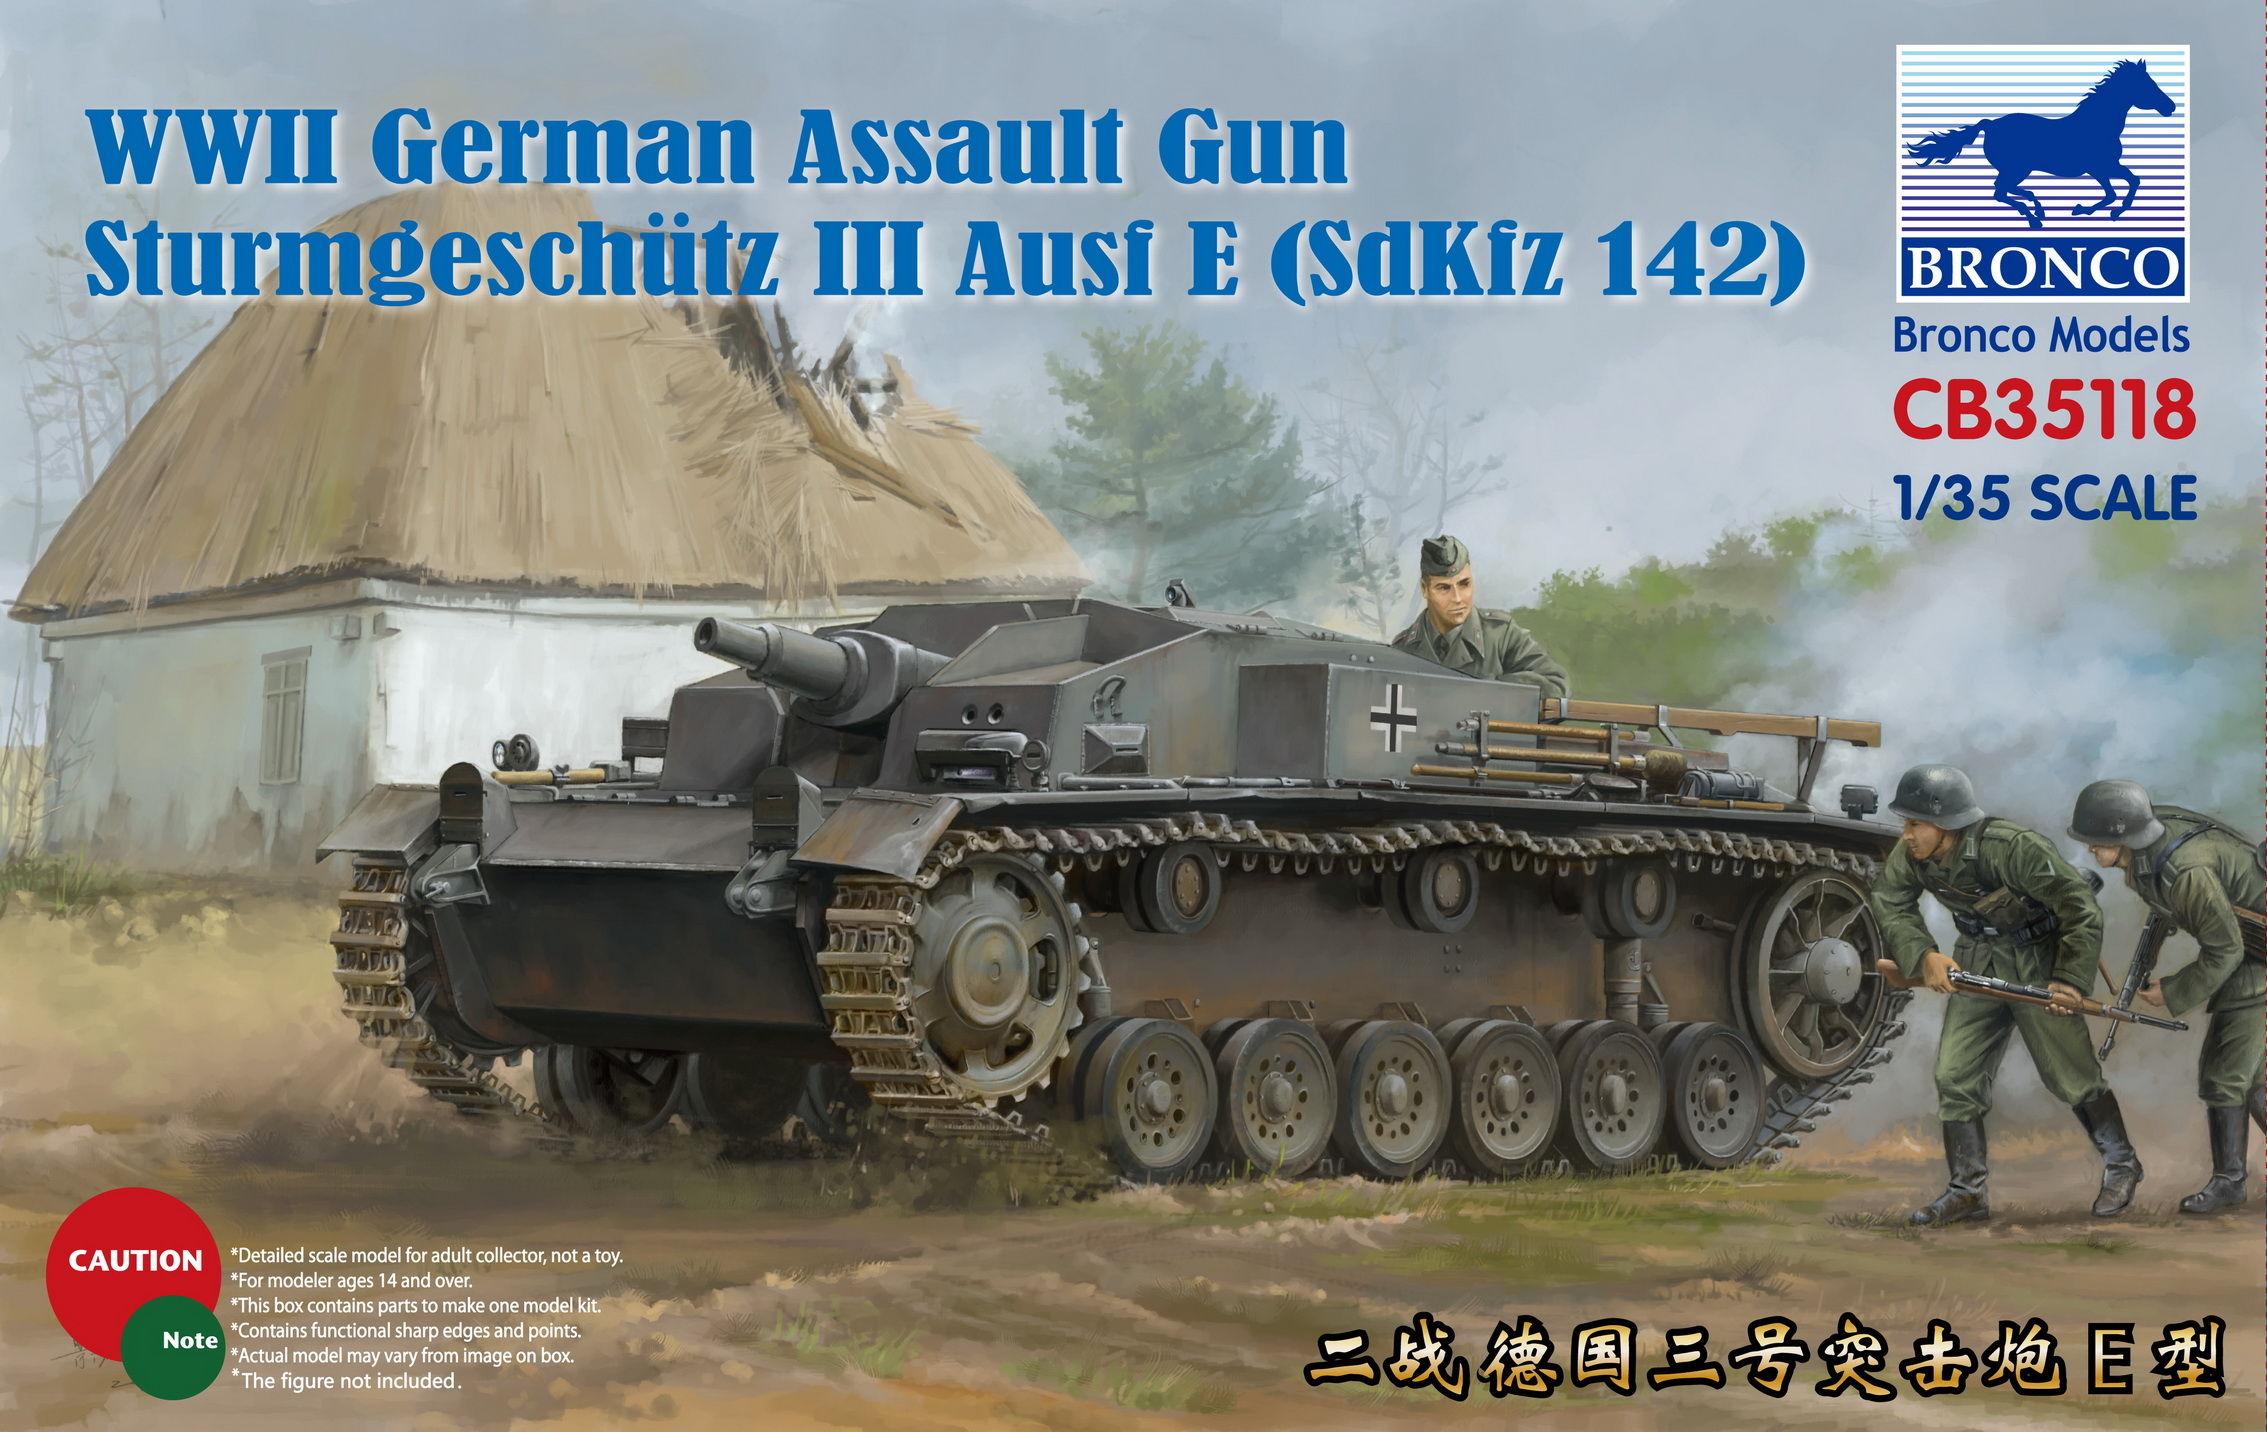 Bronco Models - WWII German Assault Gun Sturmgeschütz III Ausf E (SdKfz 142)